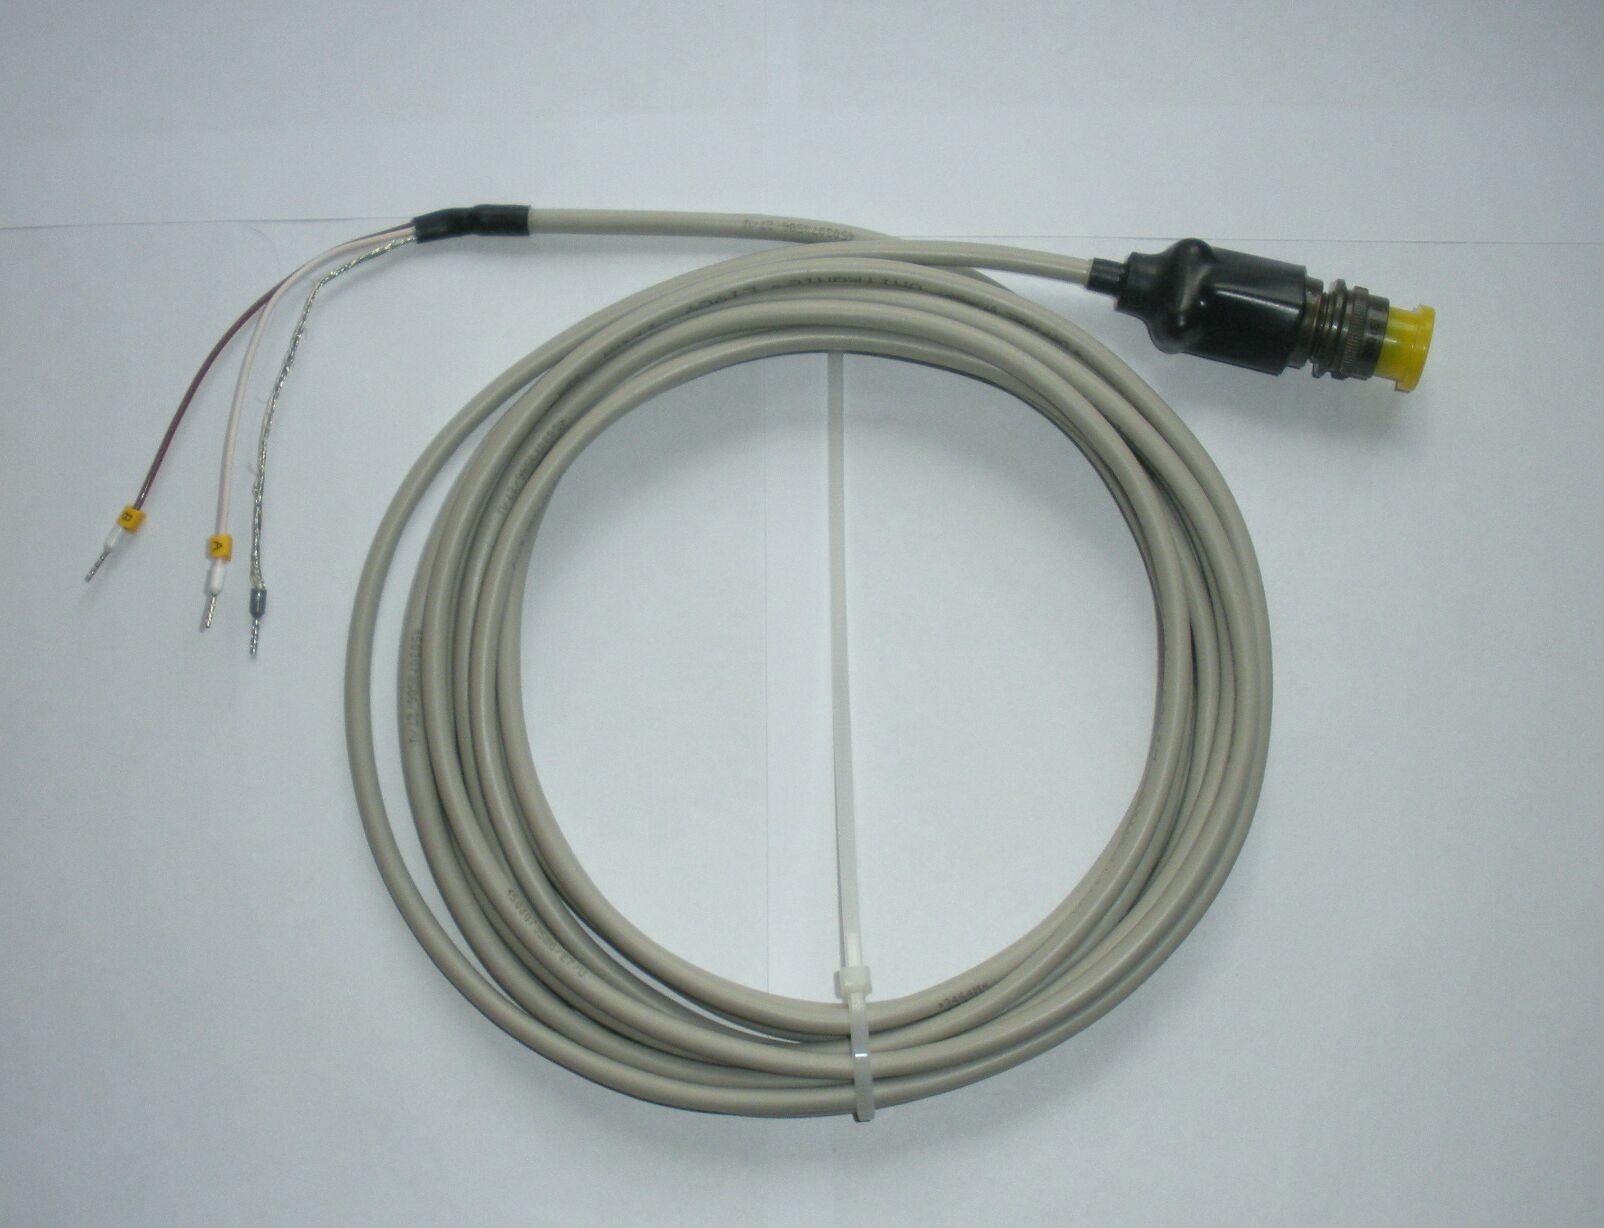 модель ВТ-2-3-М0-А2РП-В0Н-05 (5м, с кабельными наконечниками)